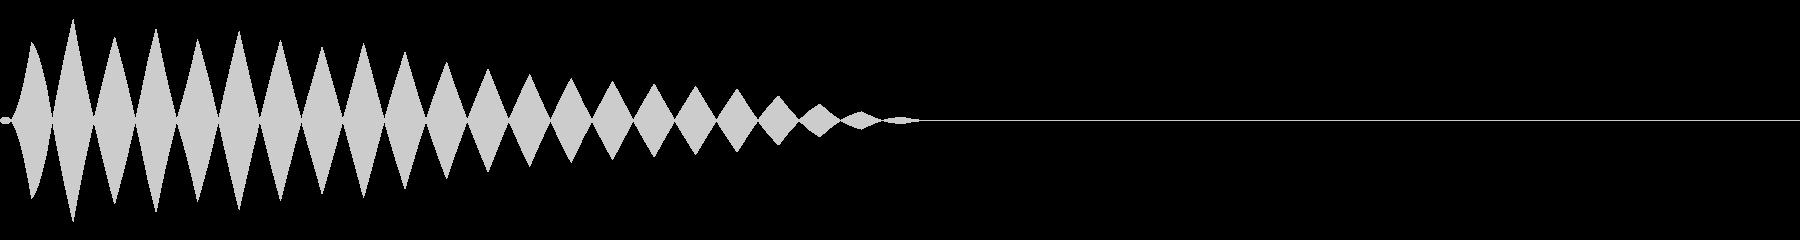 ブッ(選択/キャンセルかわいい/ピコピコの未再生の波形